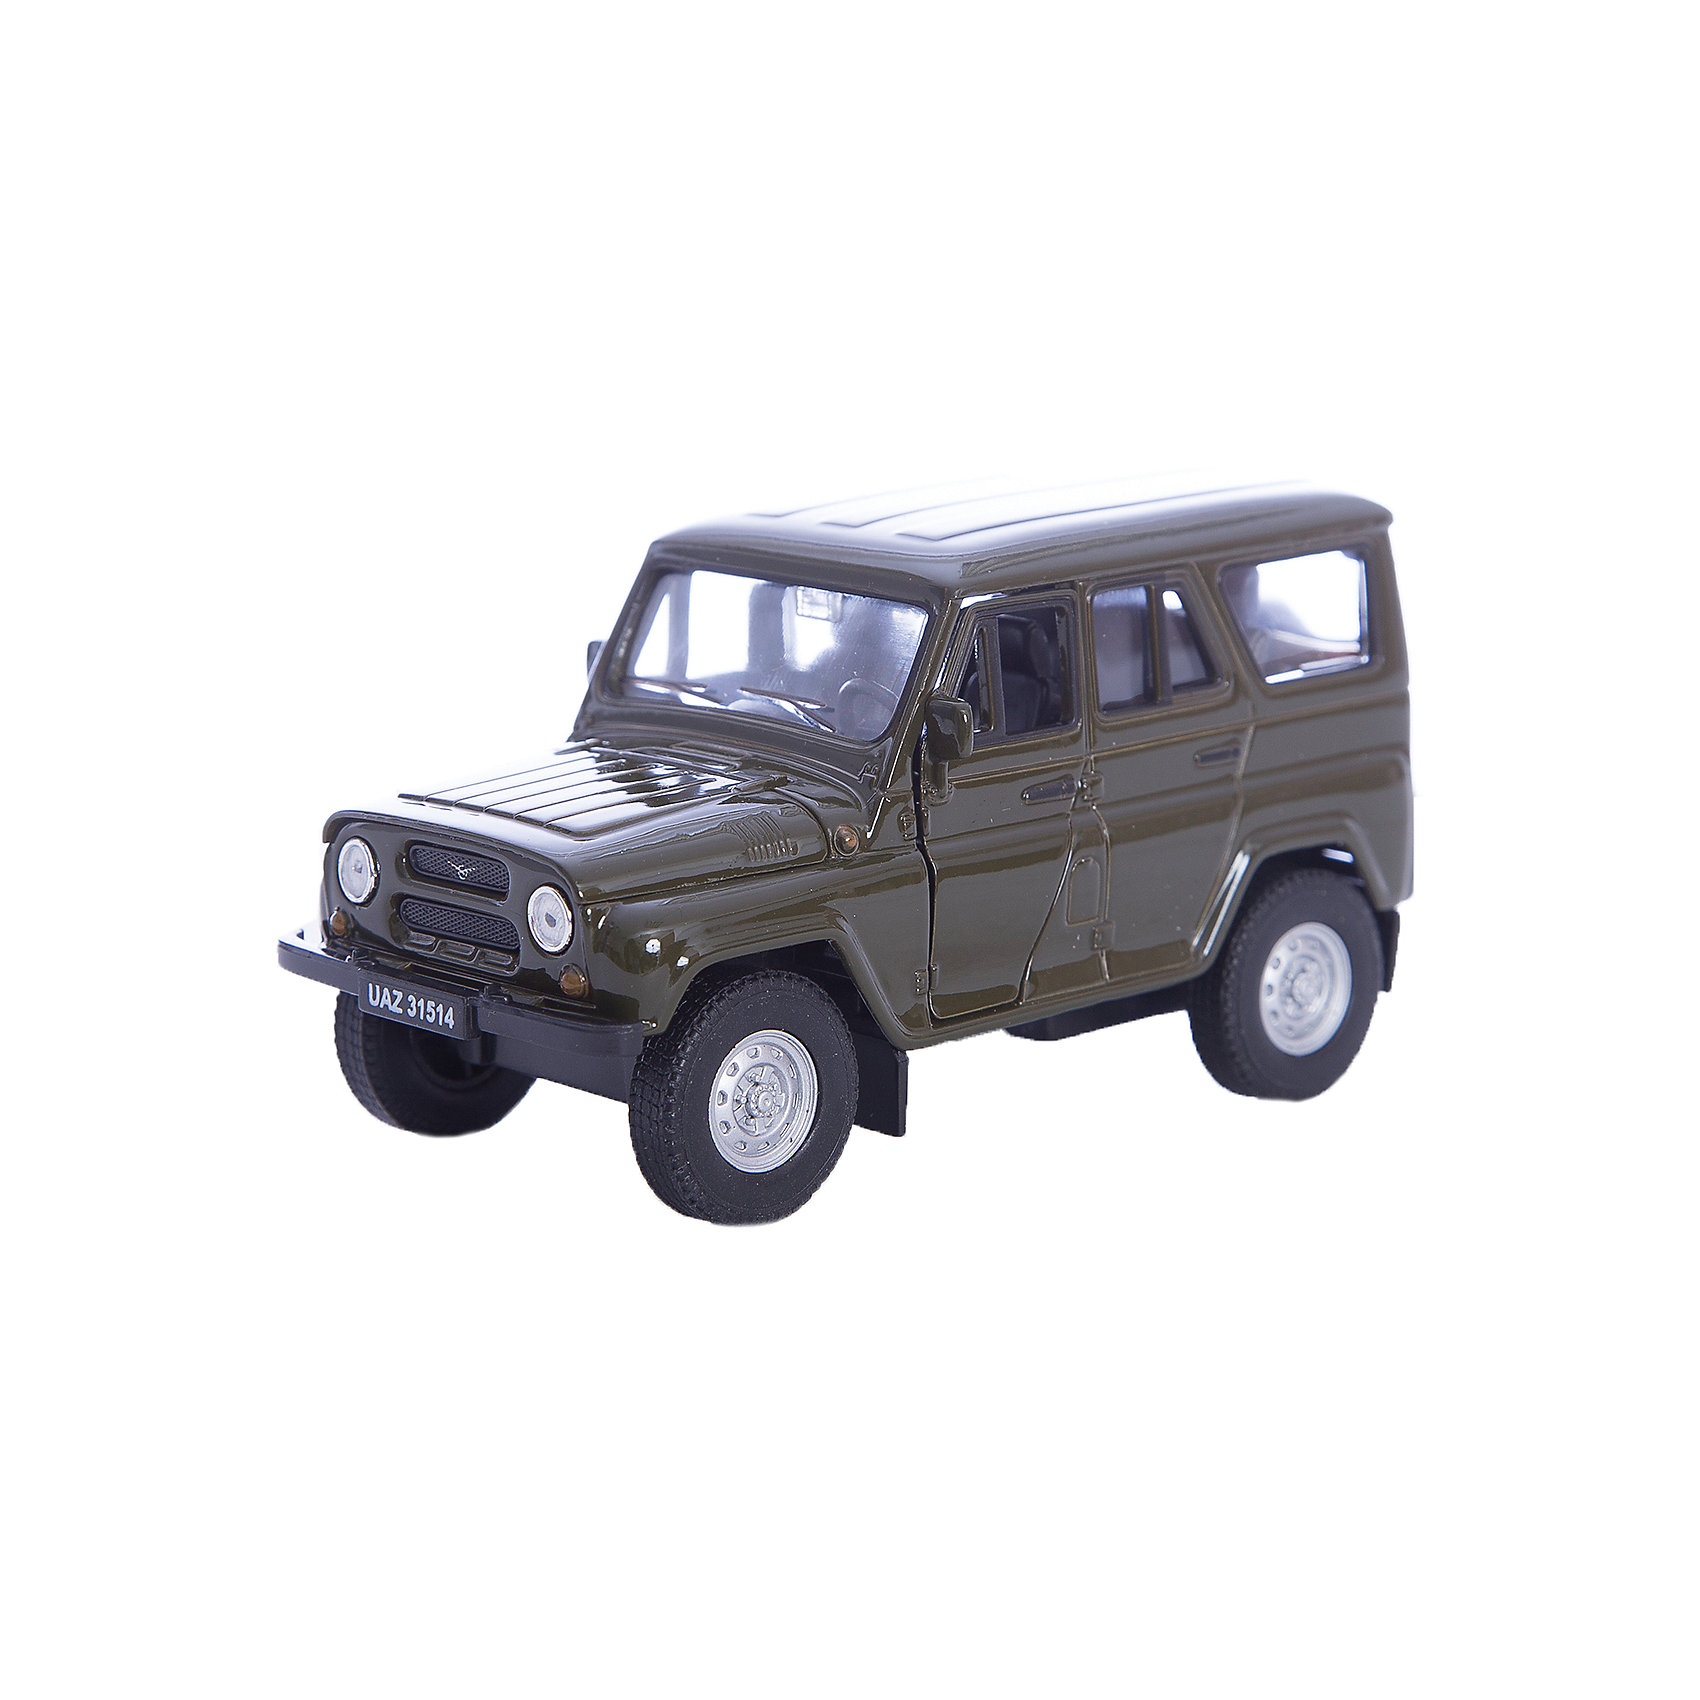 Модель машины УАЗ  31514, WellyКоллекционные модели<br>Коллекционная модель машины УАЗ 31514 в масштабе 1:34-39 от Welly.<br>Автомобиль оснащён инерционным механизмом. Кузов автомобиля оснащён открывающимися дверьми и детально проработан.<br>Цвет кузова автомобиля представлен в ассортименте. Выбрать определенный цвет заранее не представляется возможным.<br><br>Ширина мм: 60<br>Глубина мм: 110<br>Высота мм: 150<br>Вес г: 202<br>Возраст от месяцев: 36<br>Возраст до месяцев: 192<br>Пол: Мужской<br>Возраст: Детский<br>SKU: 4966508